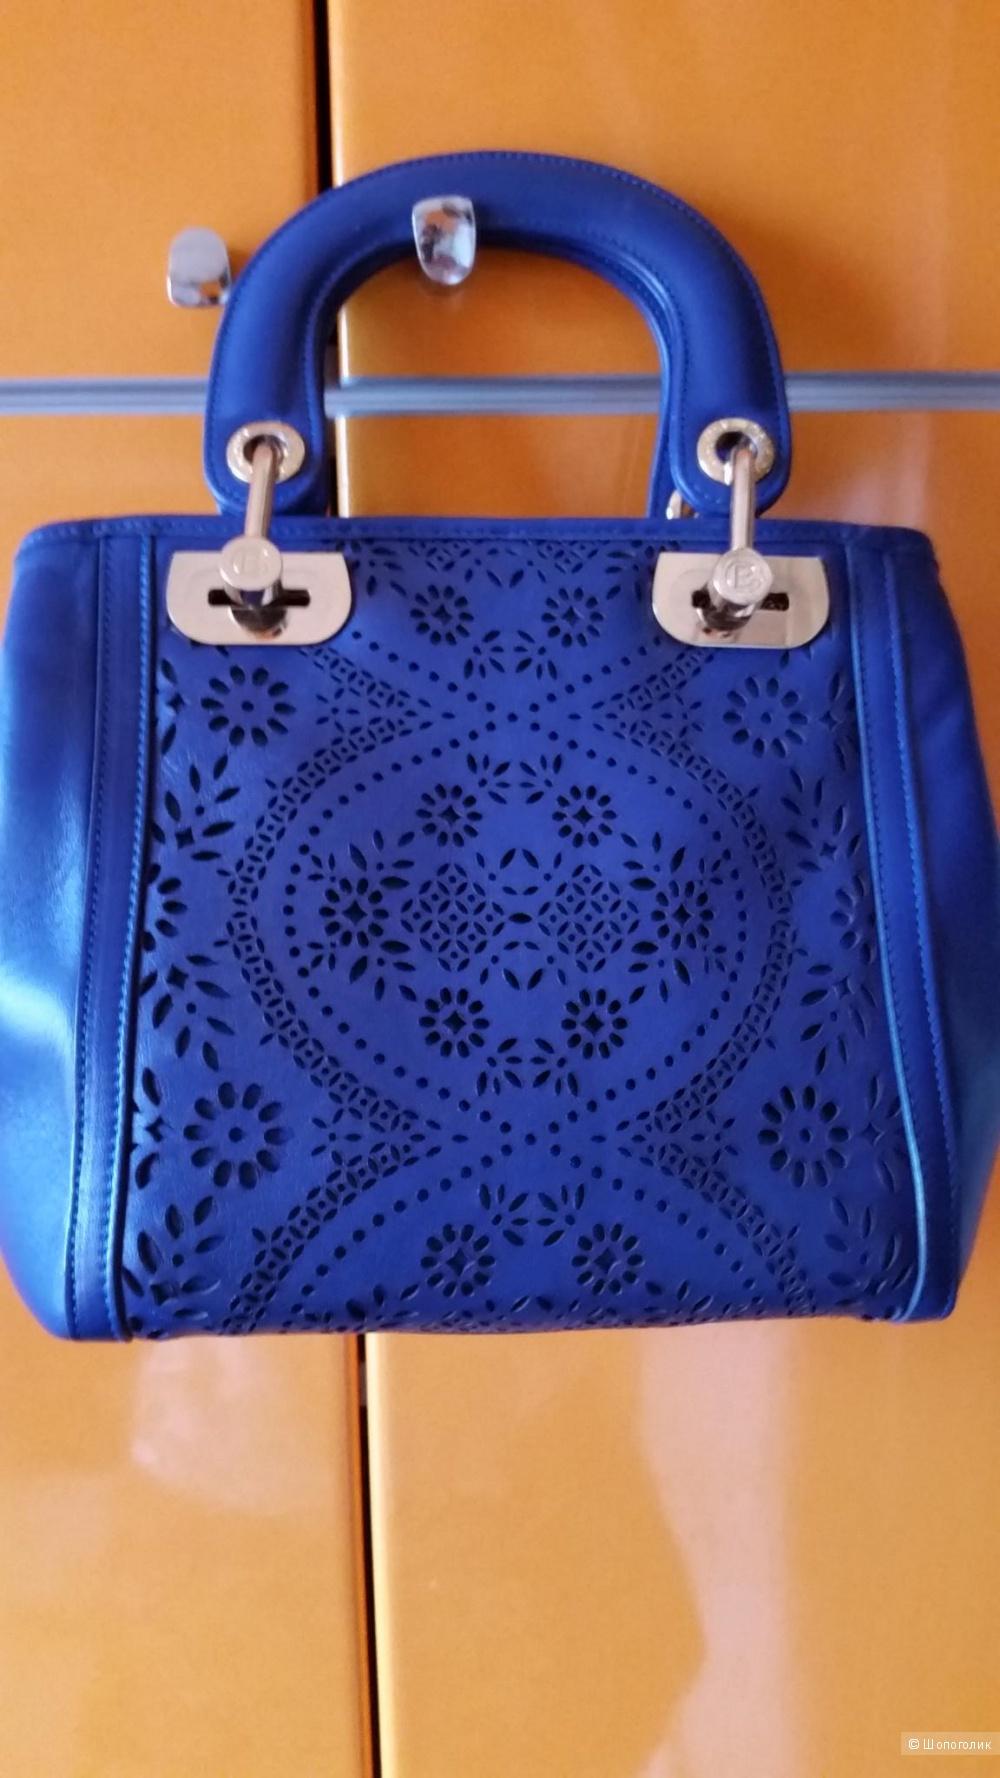 Сумочка Baldinini, ярко-синего цвета